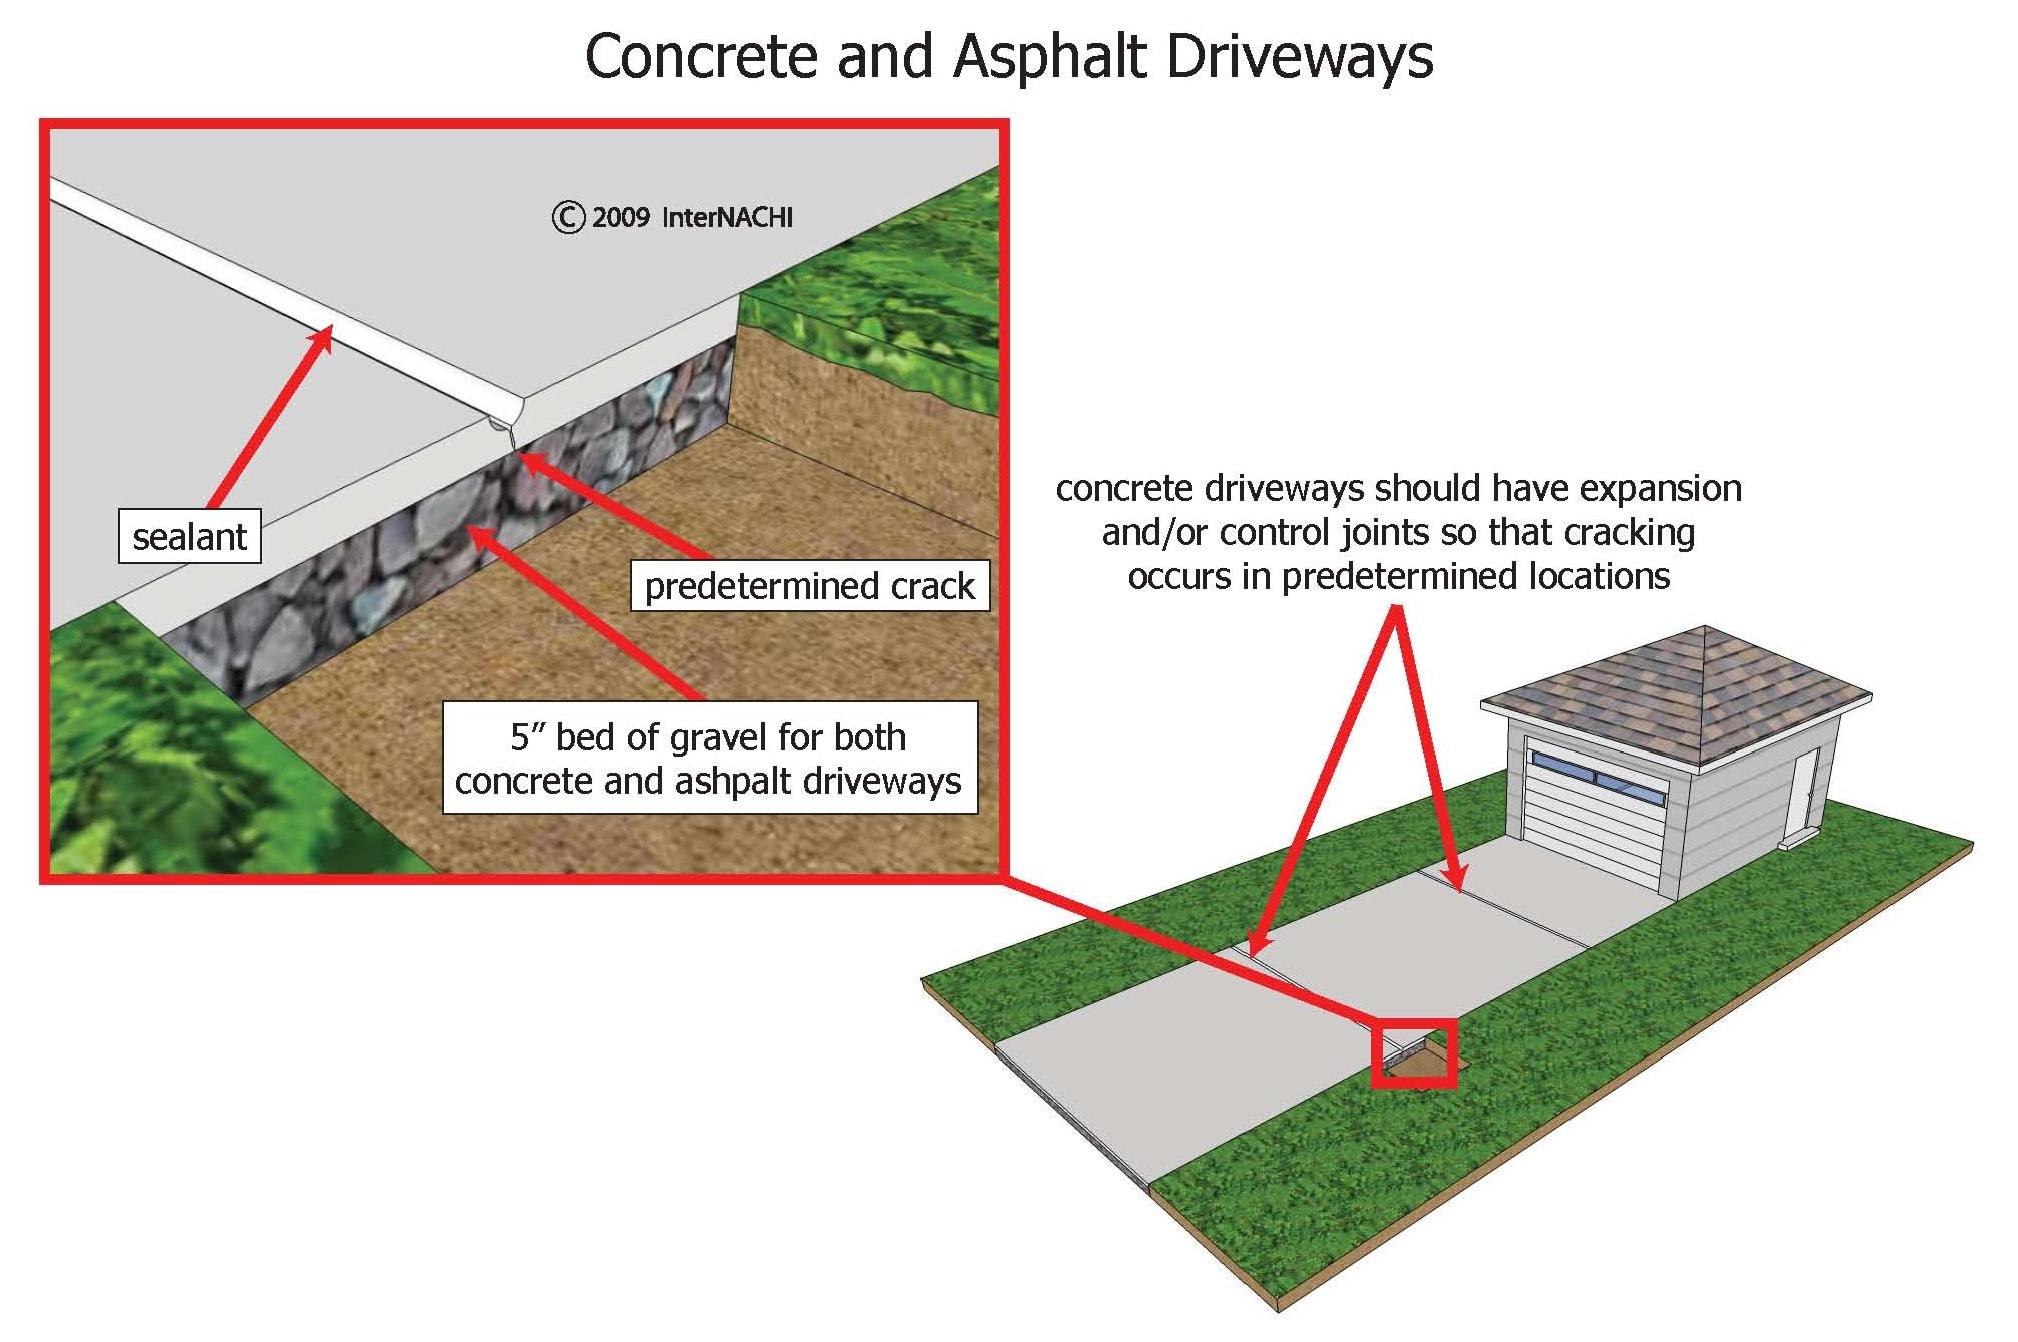 Concrete and asphalt driveways.